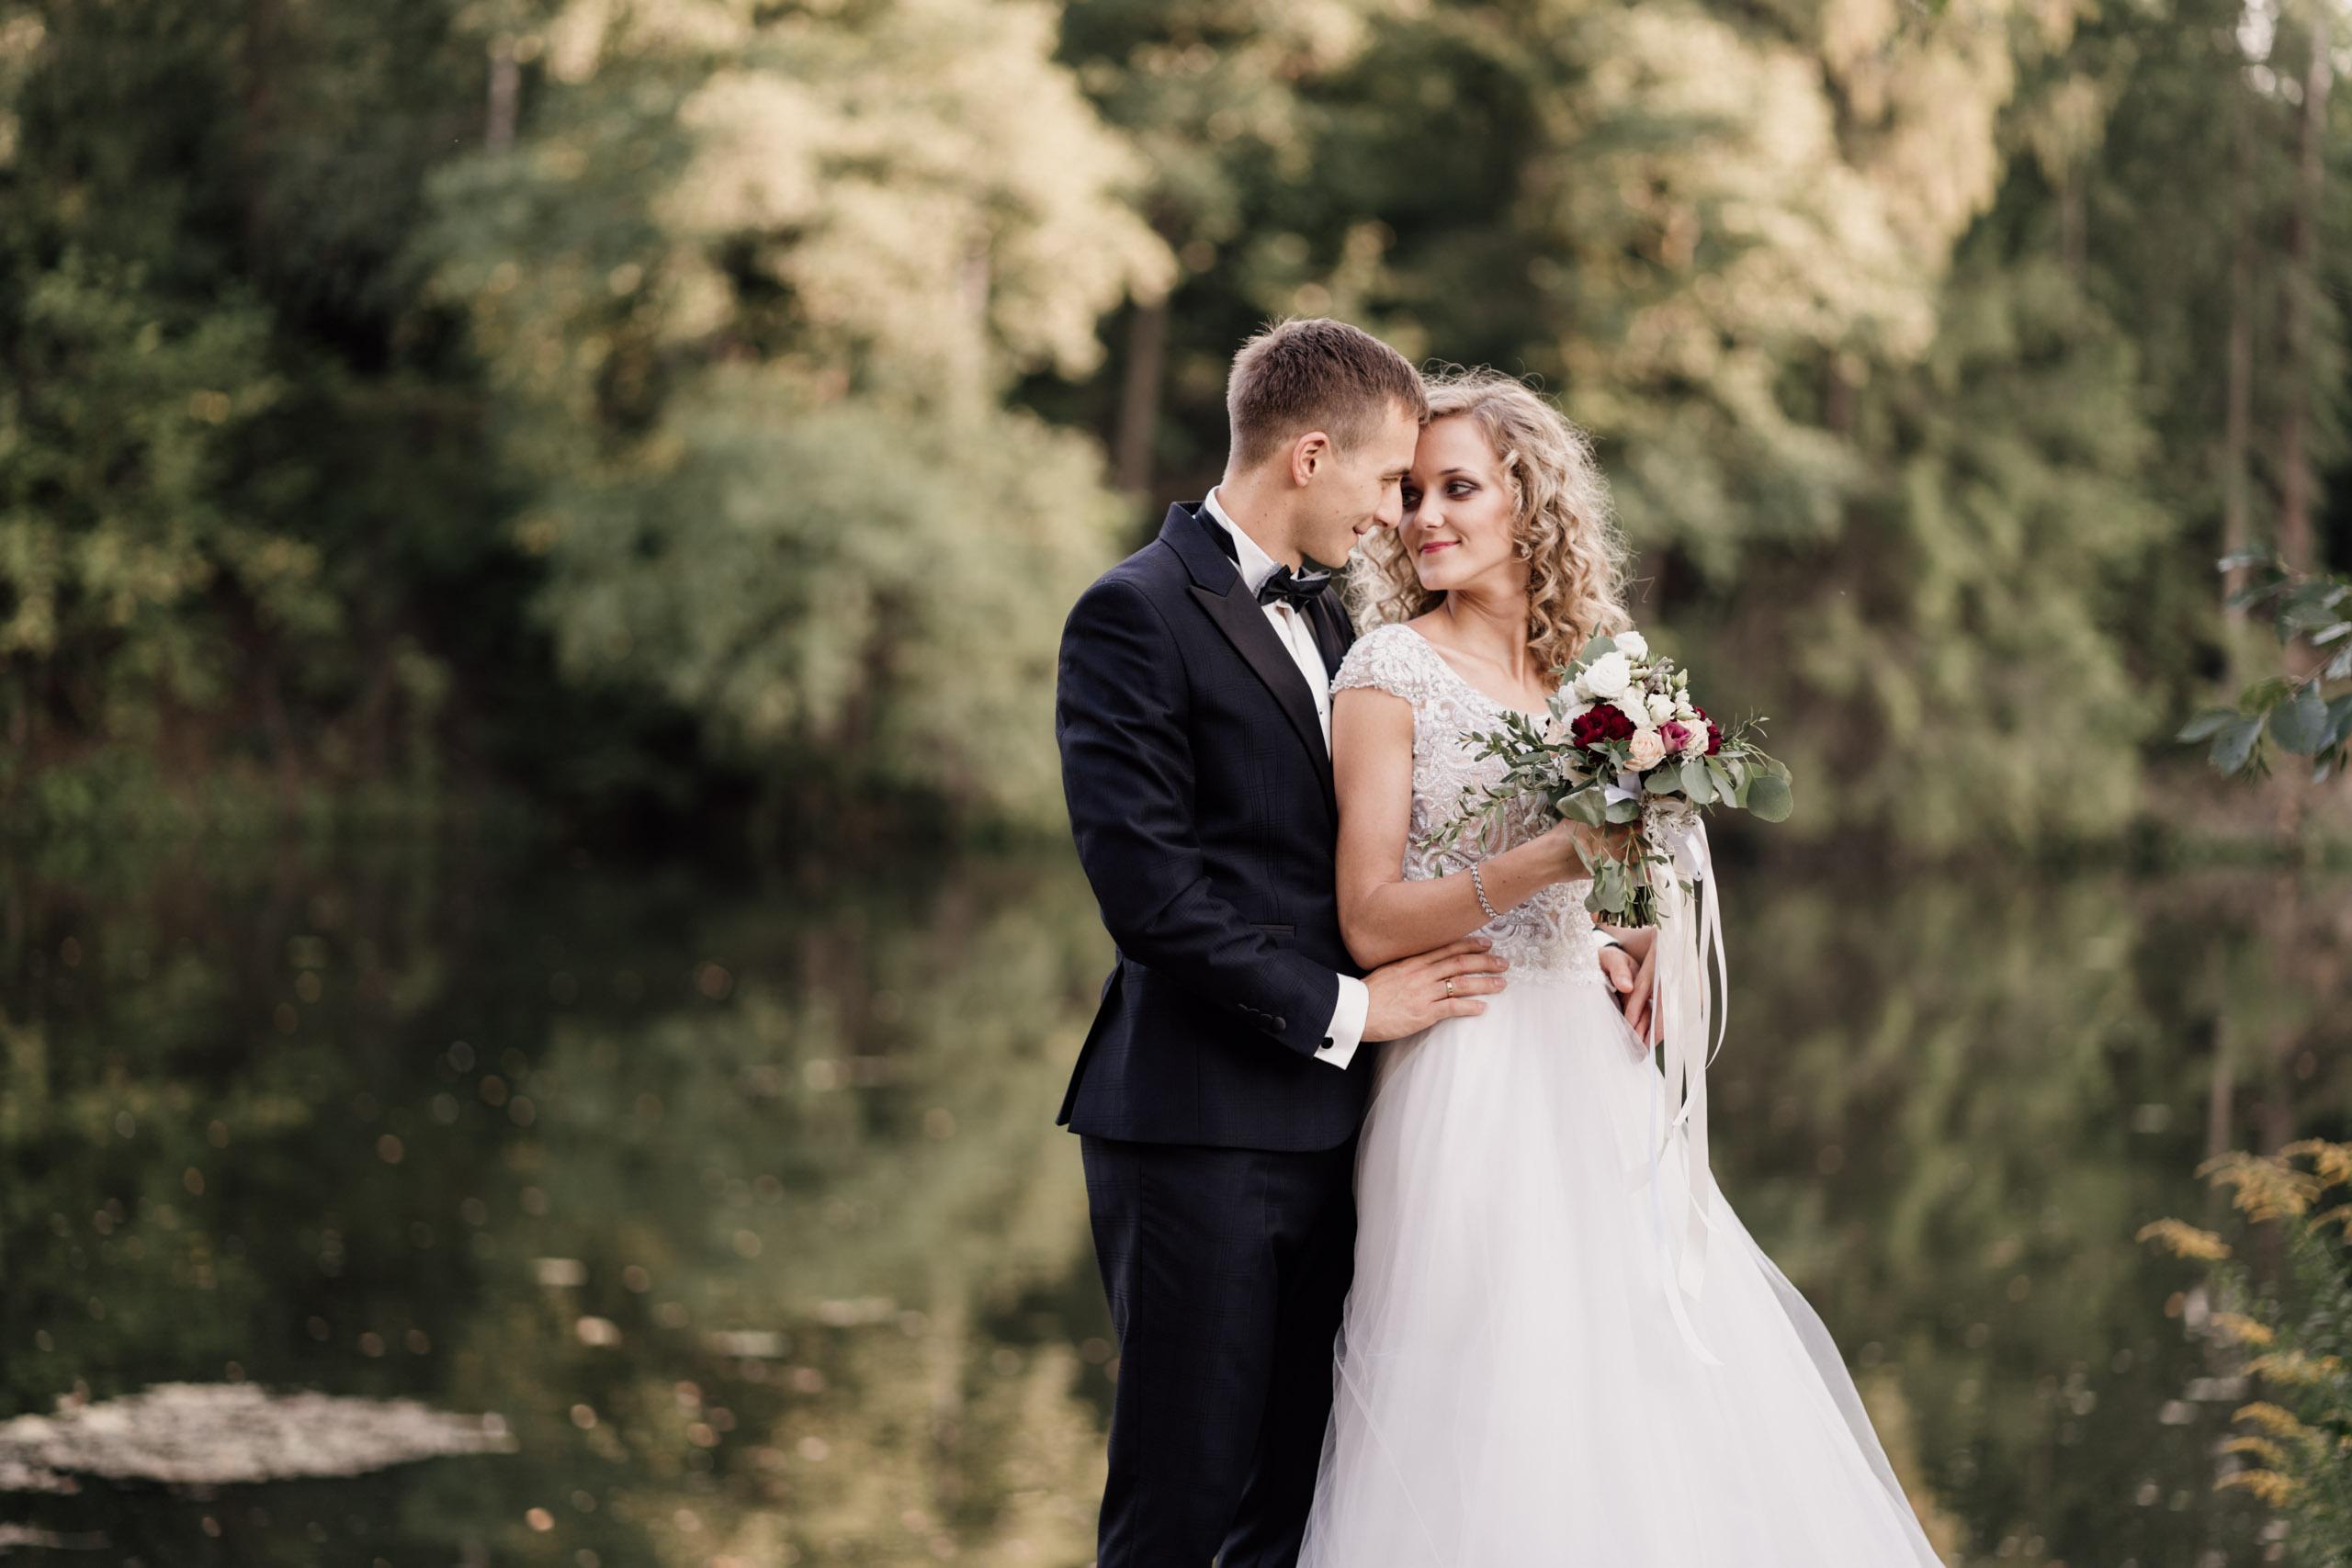 Magda & Maks – Sesja ślubna nad rzeką